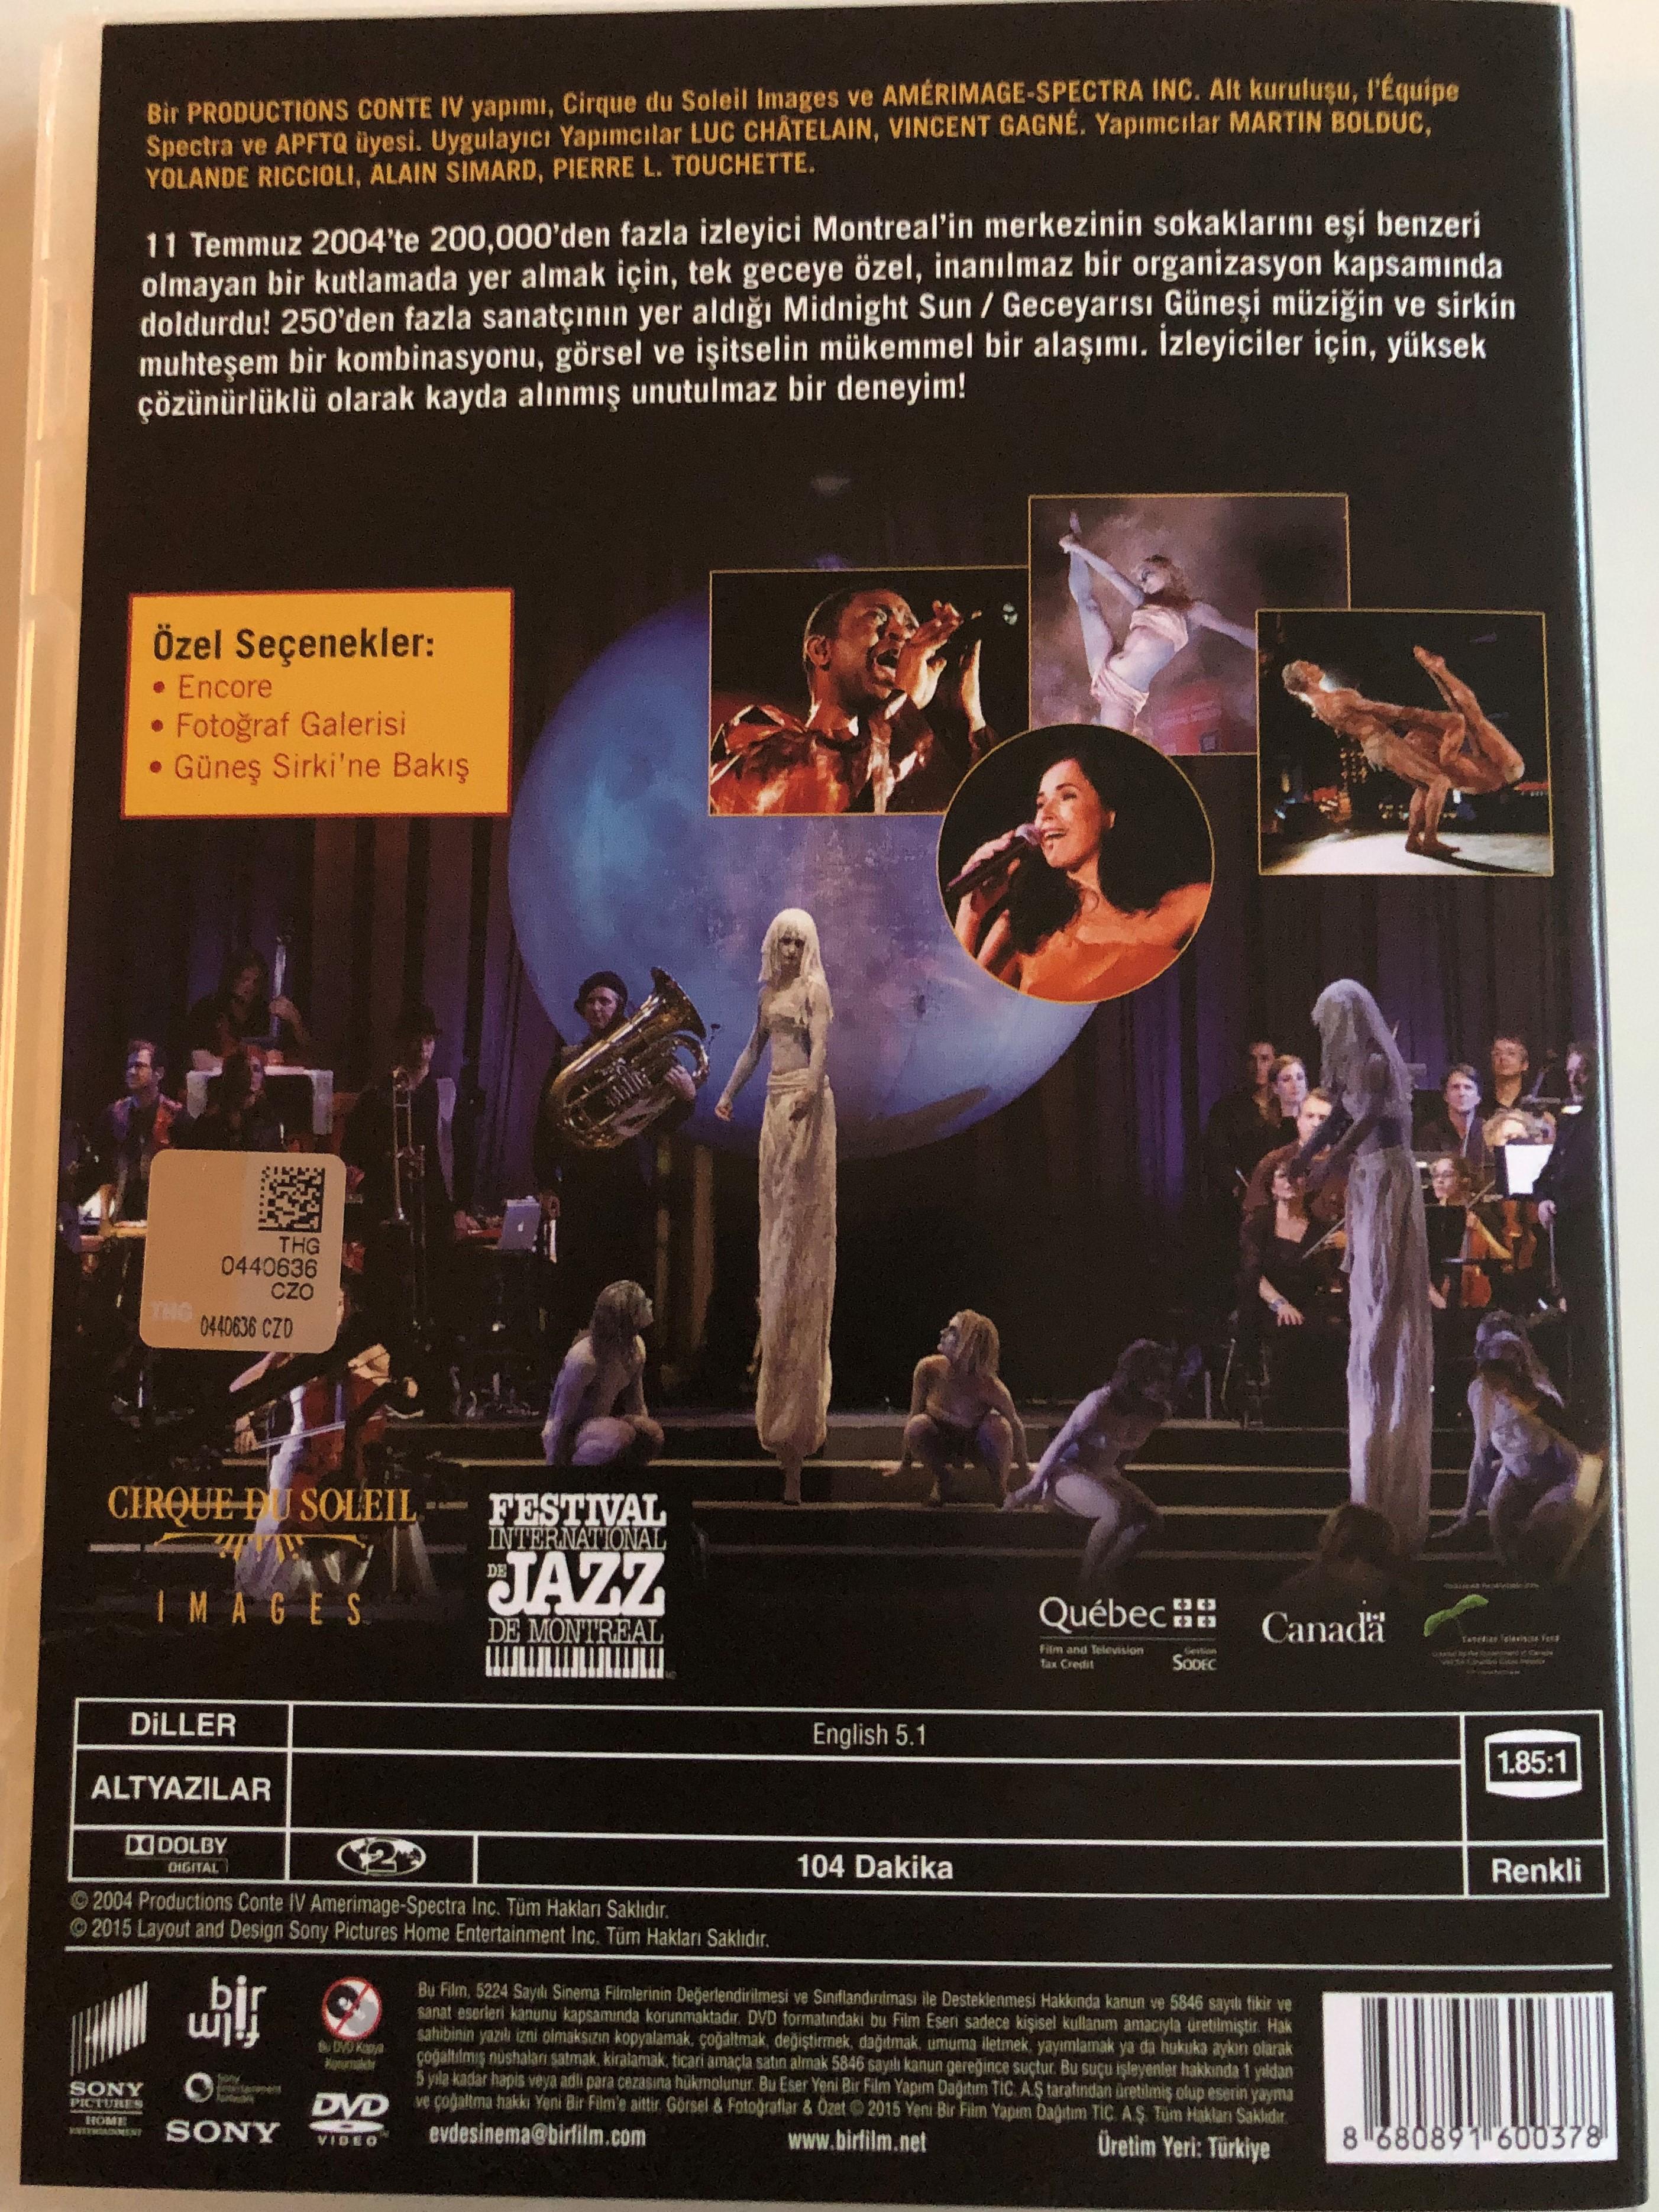 midight-sun-dvd-geceyarisi-g-nesi-cirque-du-soleil-the-montreal-uluslararasi-jazz-festivali-2.jpg